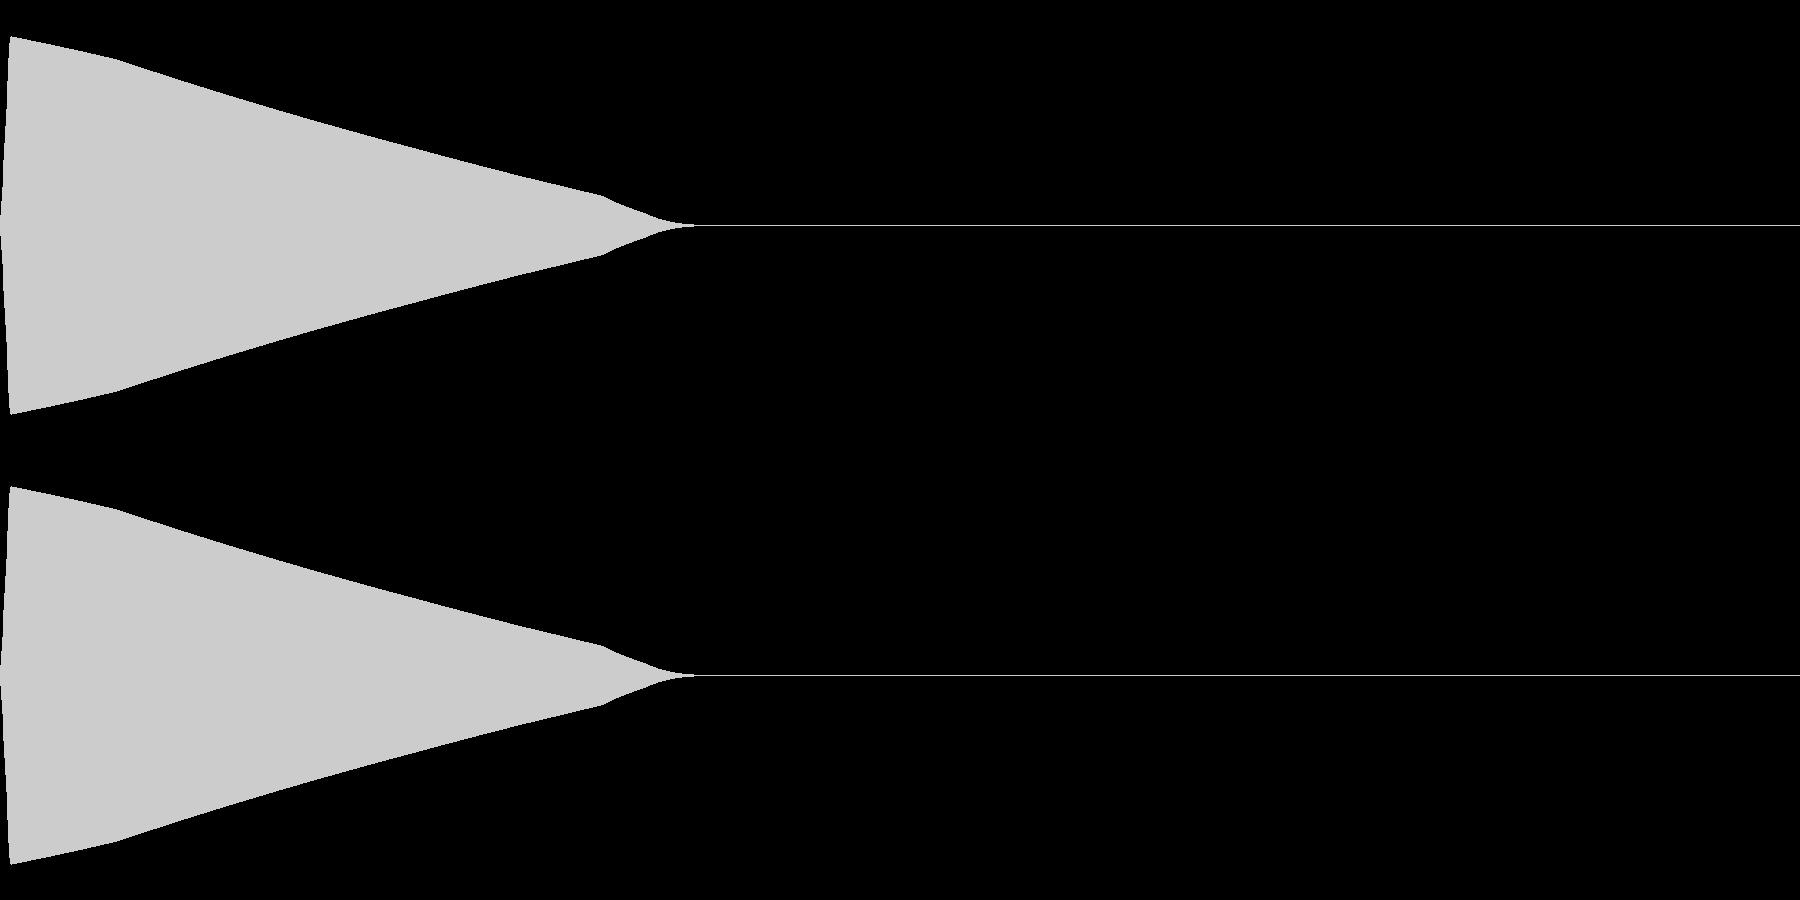 ピッ(決定/選択/かわいい/ピコピコ音の未再生の波形